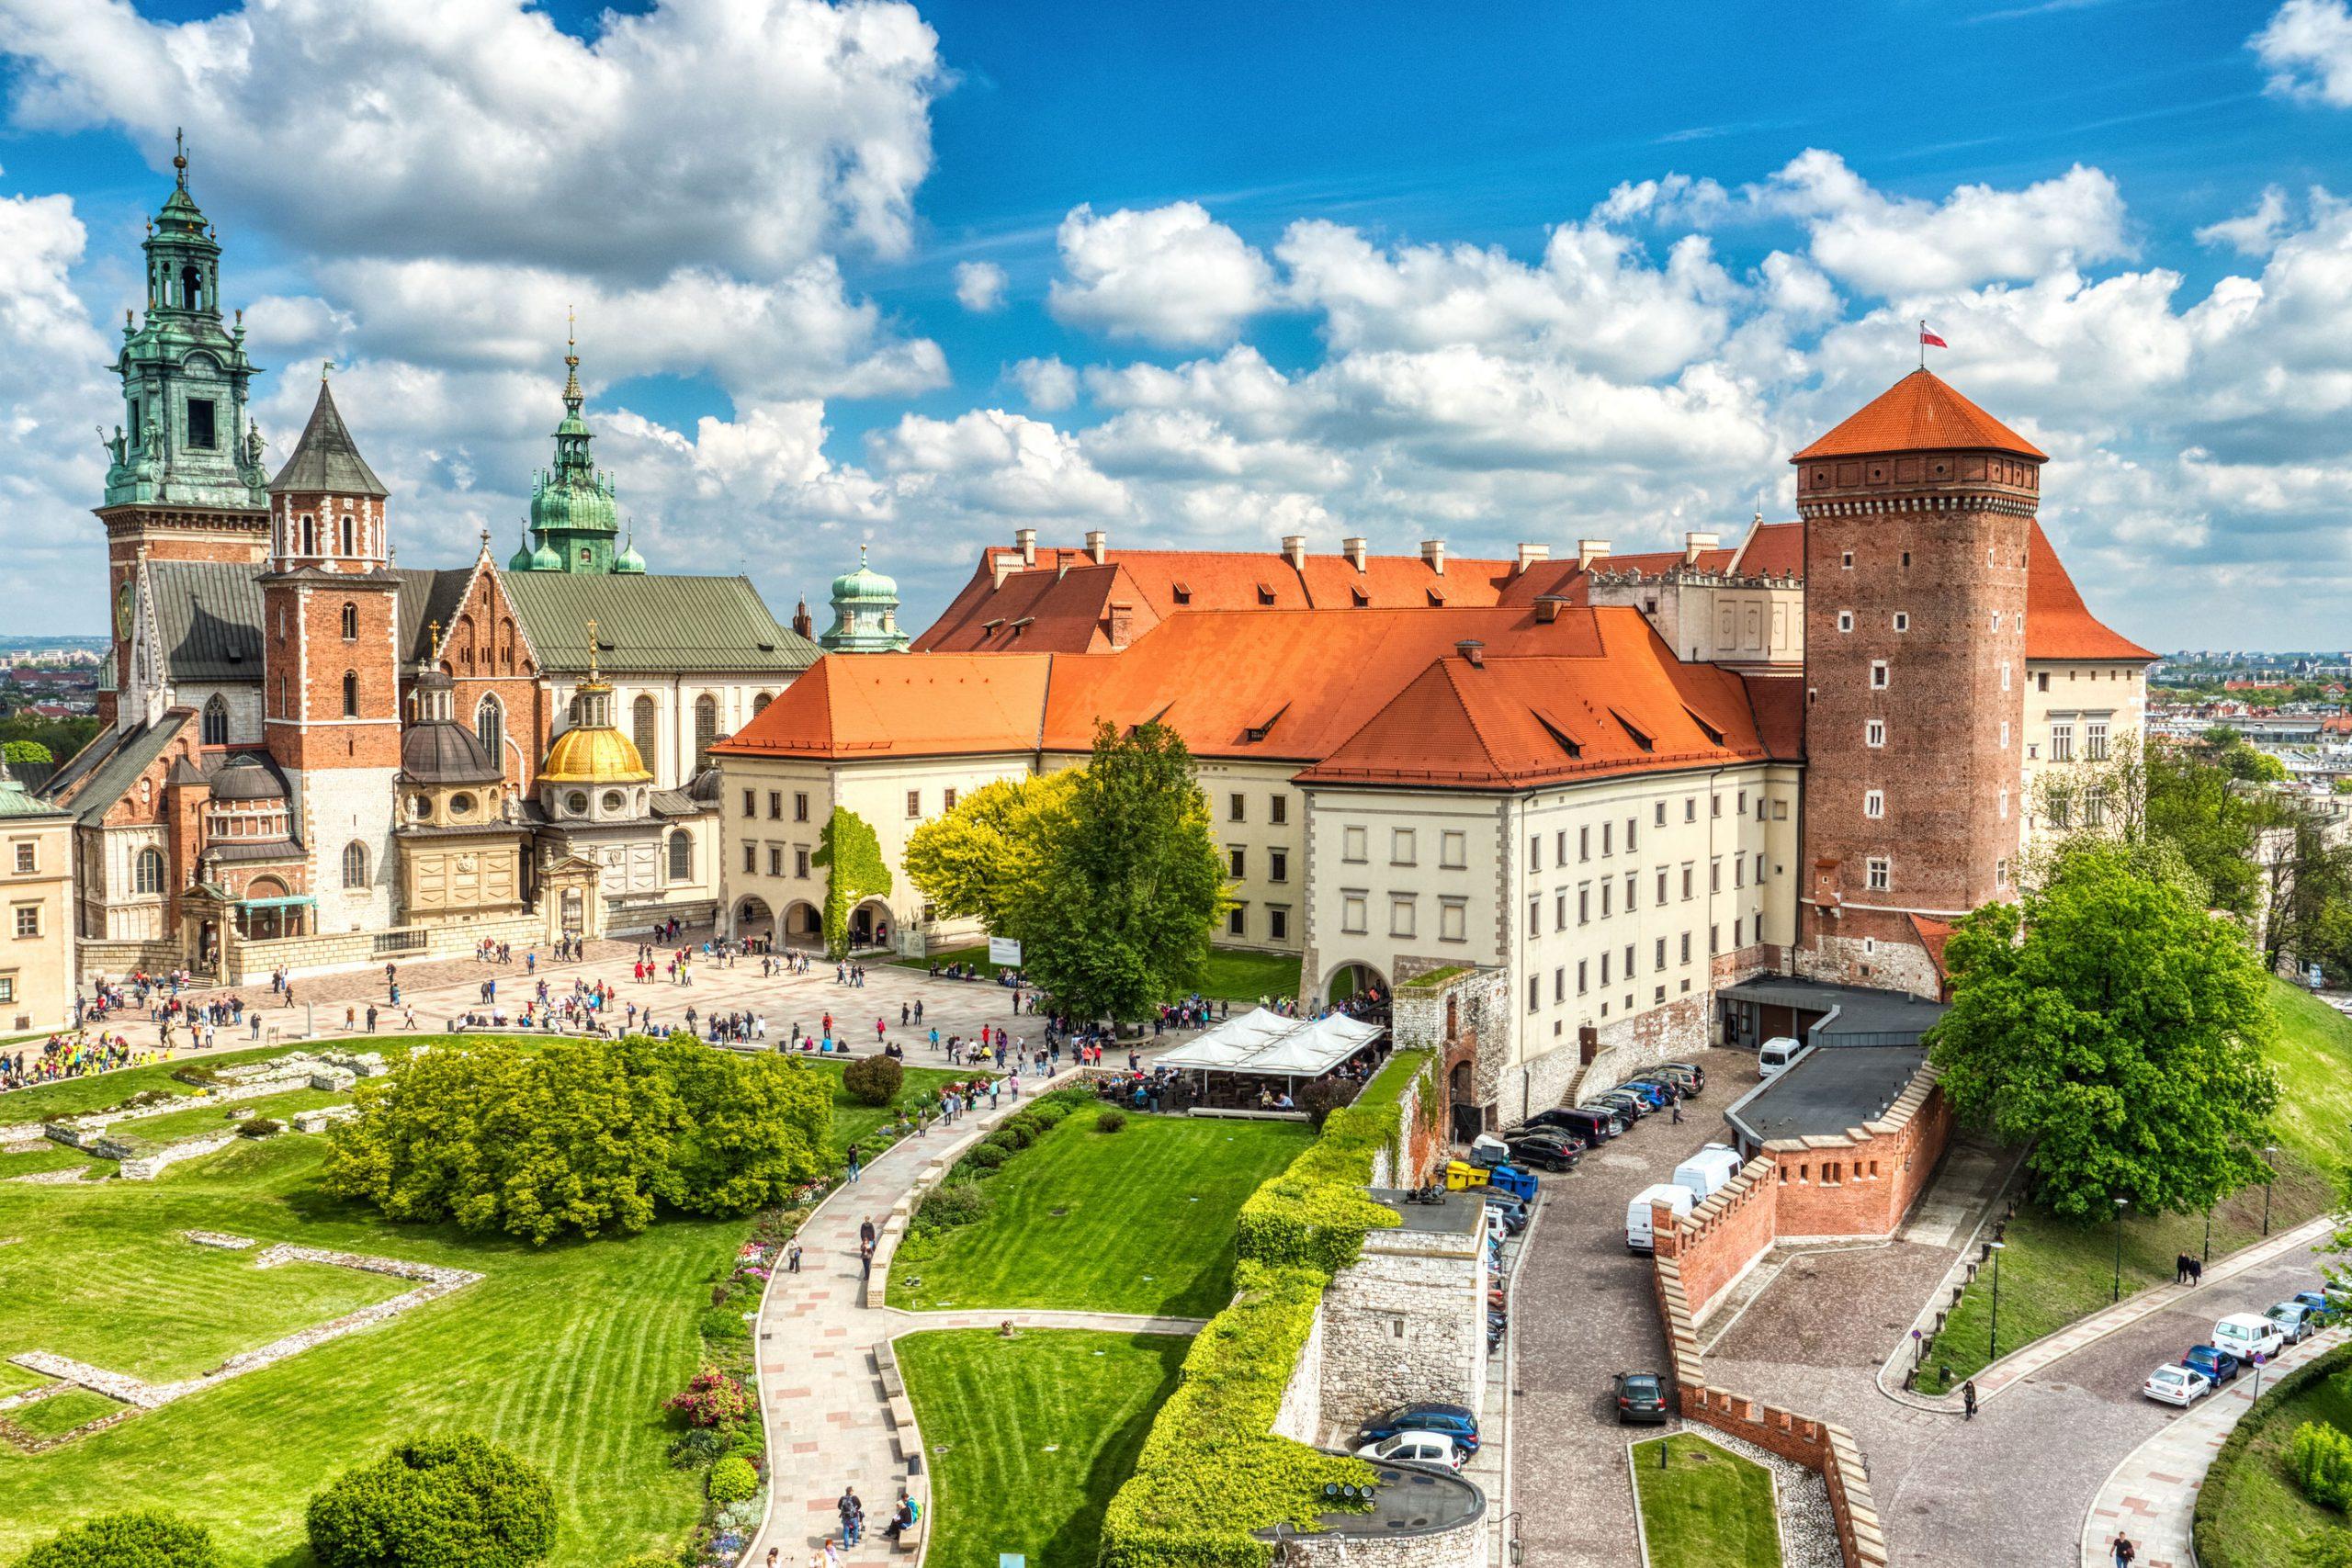 Wawel slottet Krakow